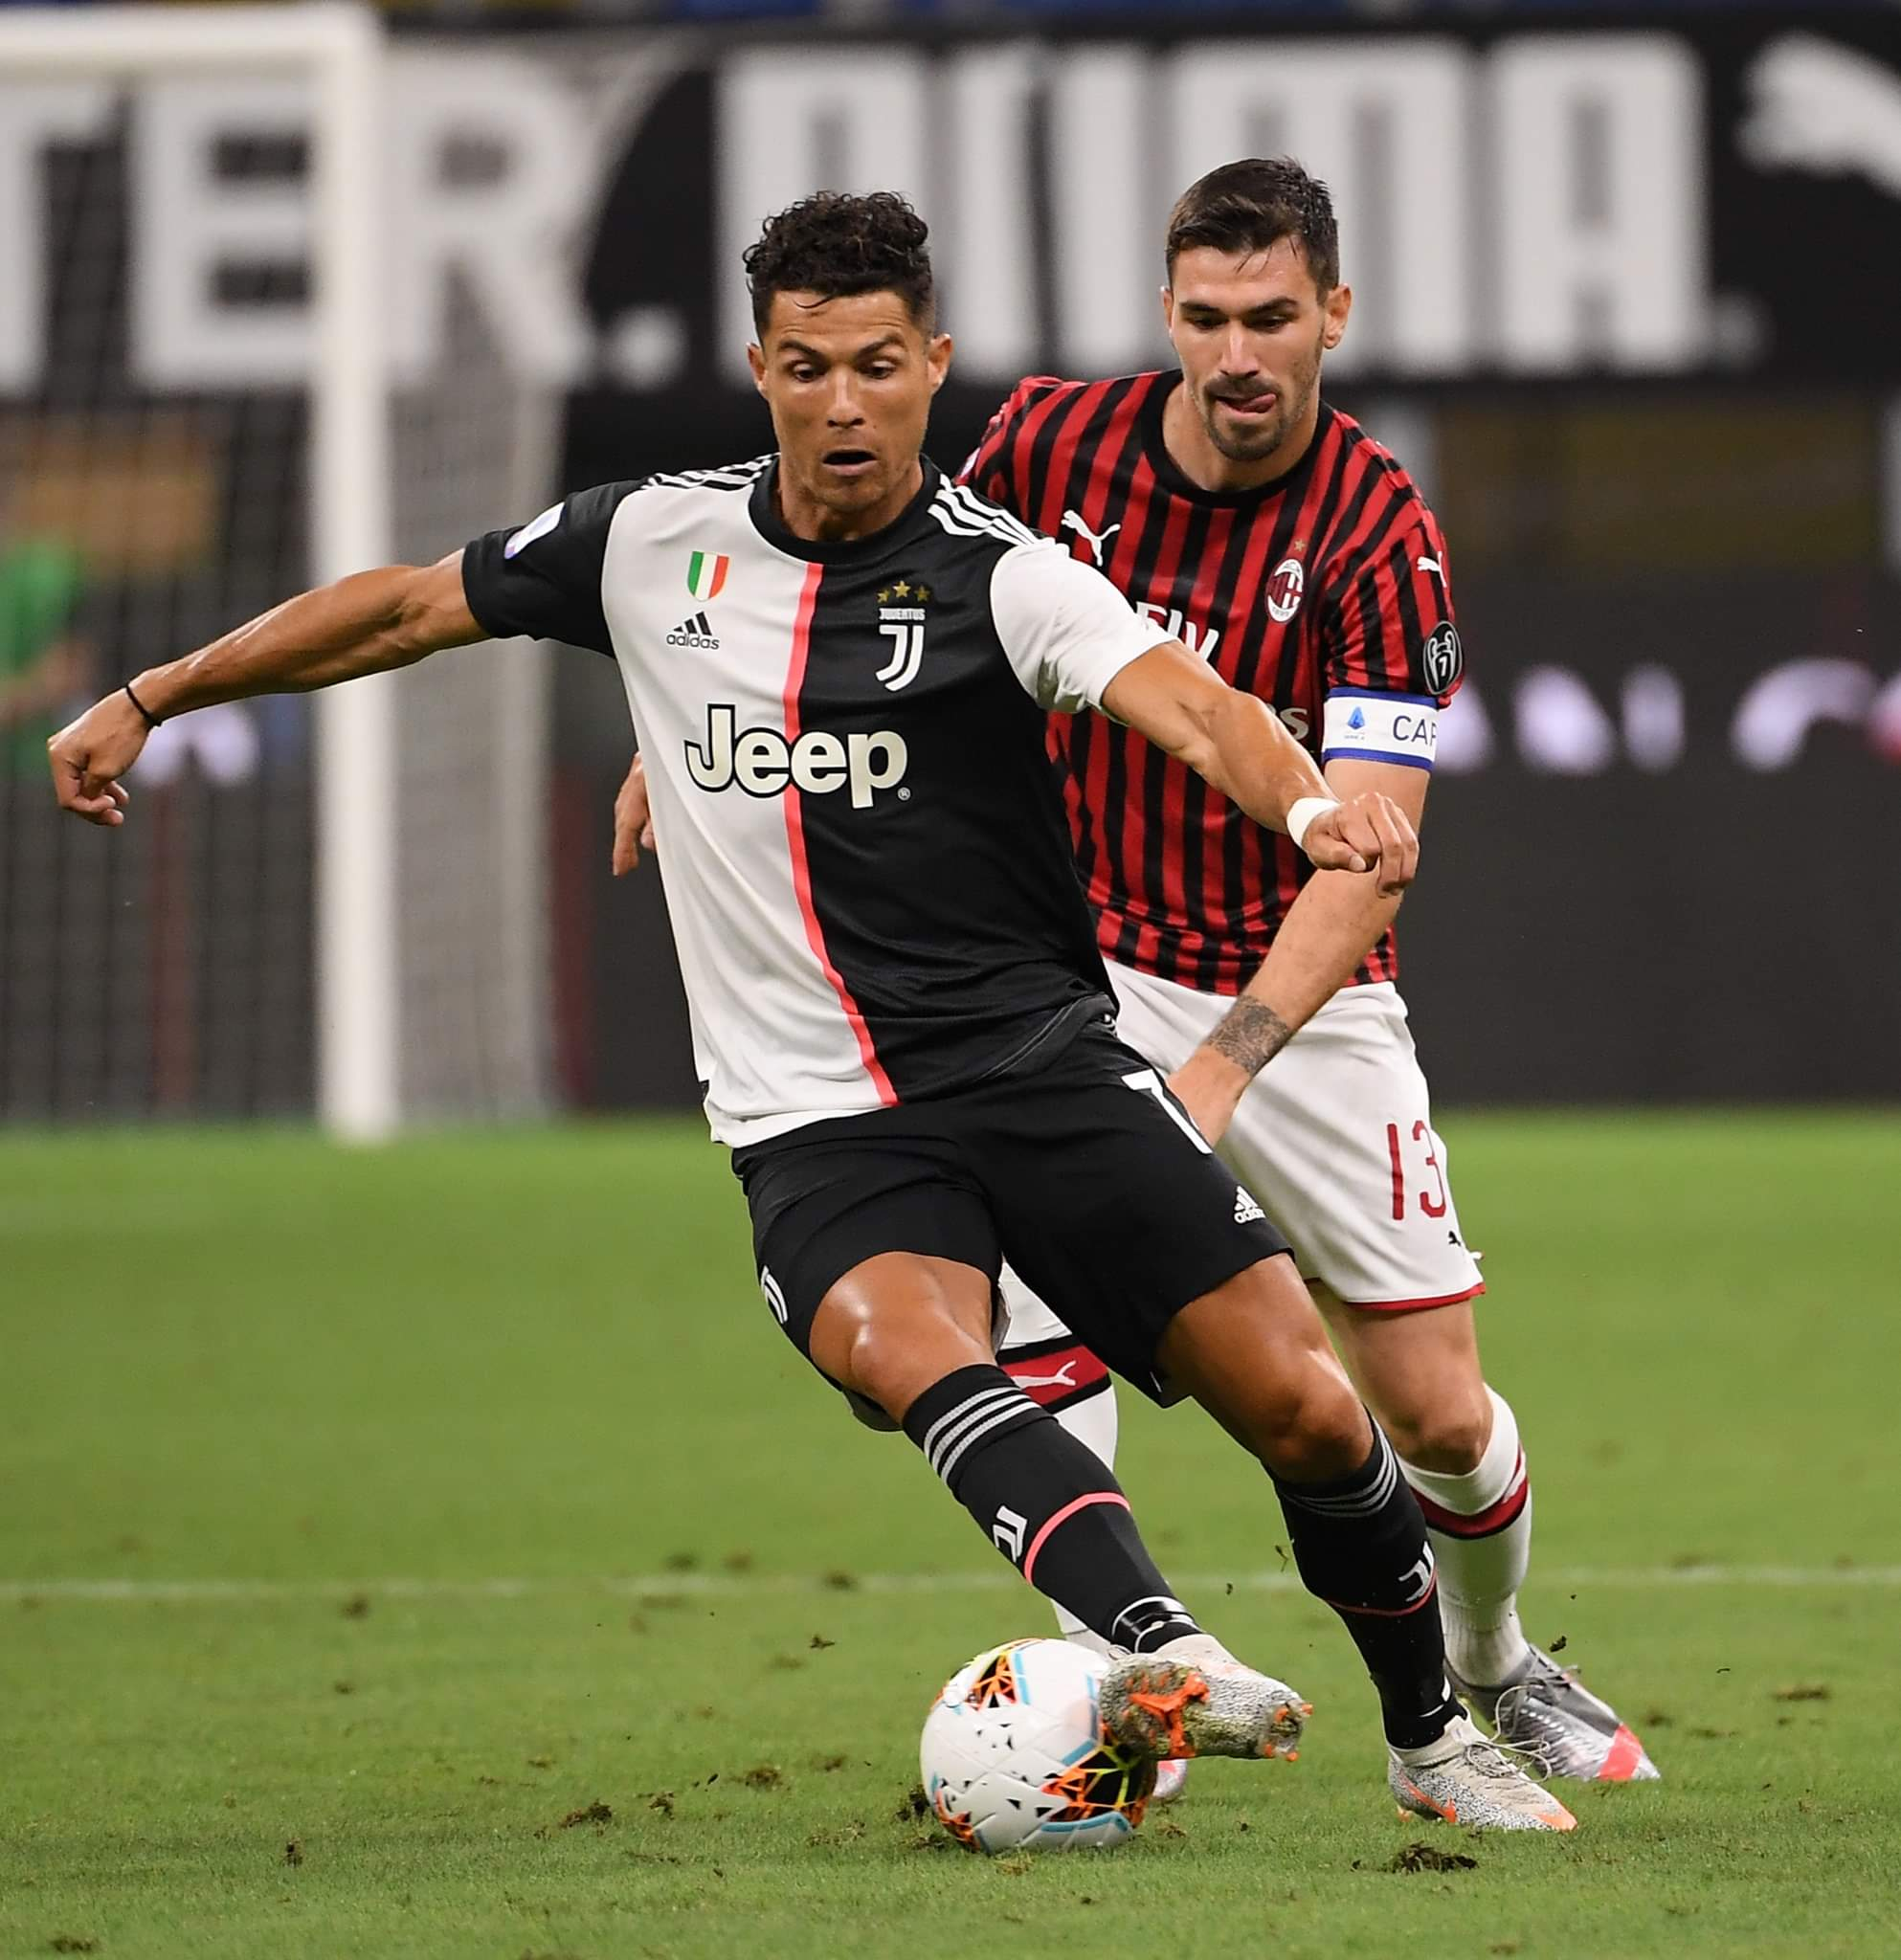 نجم نادي يوفنتوس الإيطالي كريستيانو رونالدو يسيطر على كرته بينما يطارده قلب دفاع نادي ميلان أليسيو رومانيولي خلال المباراة، التي جمعت الفريقين في ميلان يوم 7 يوليو 2020، ضمن مبارايات بطولة الدوري الإيطالي لكرة القدم. وانتهت المباراة بفوز ميلان بنتيجة 4-2.